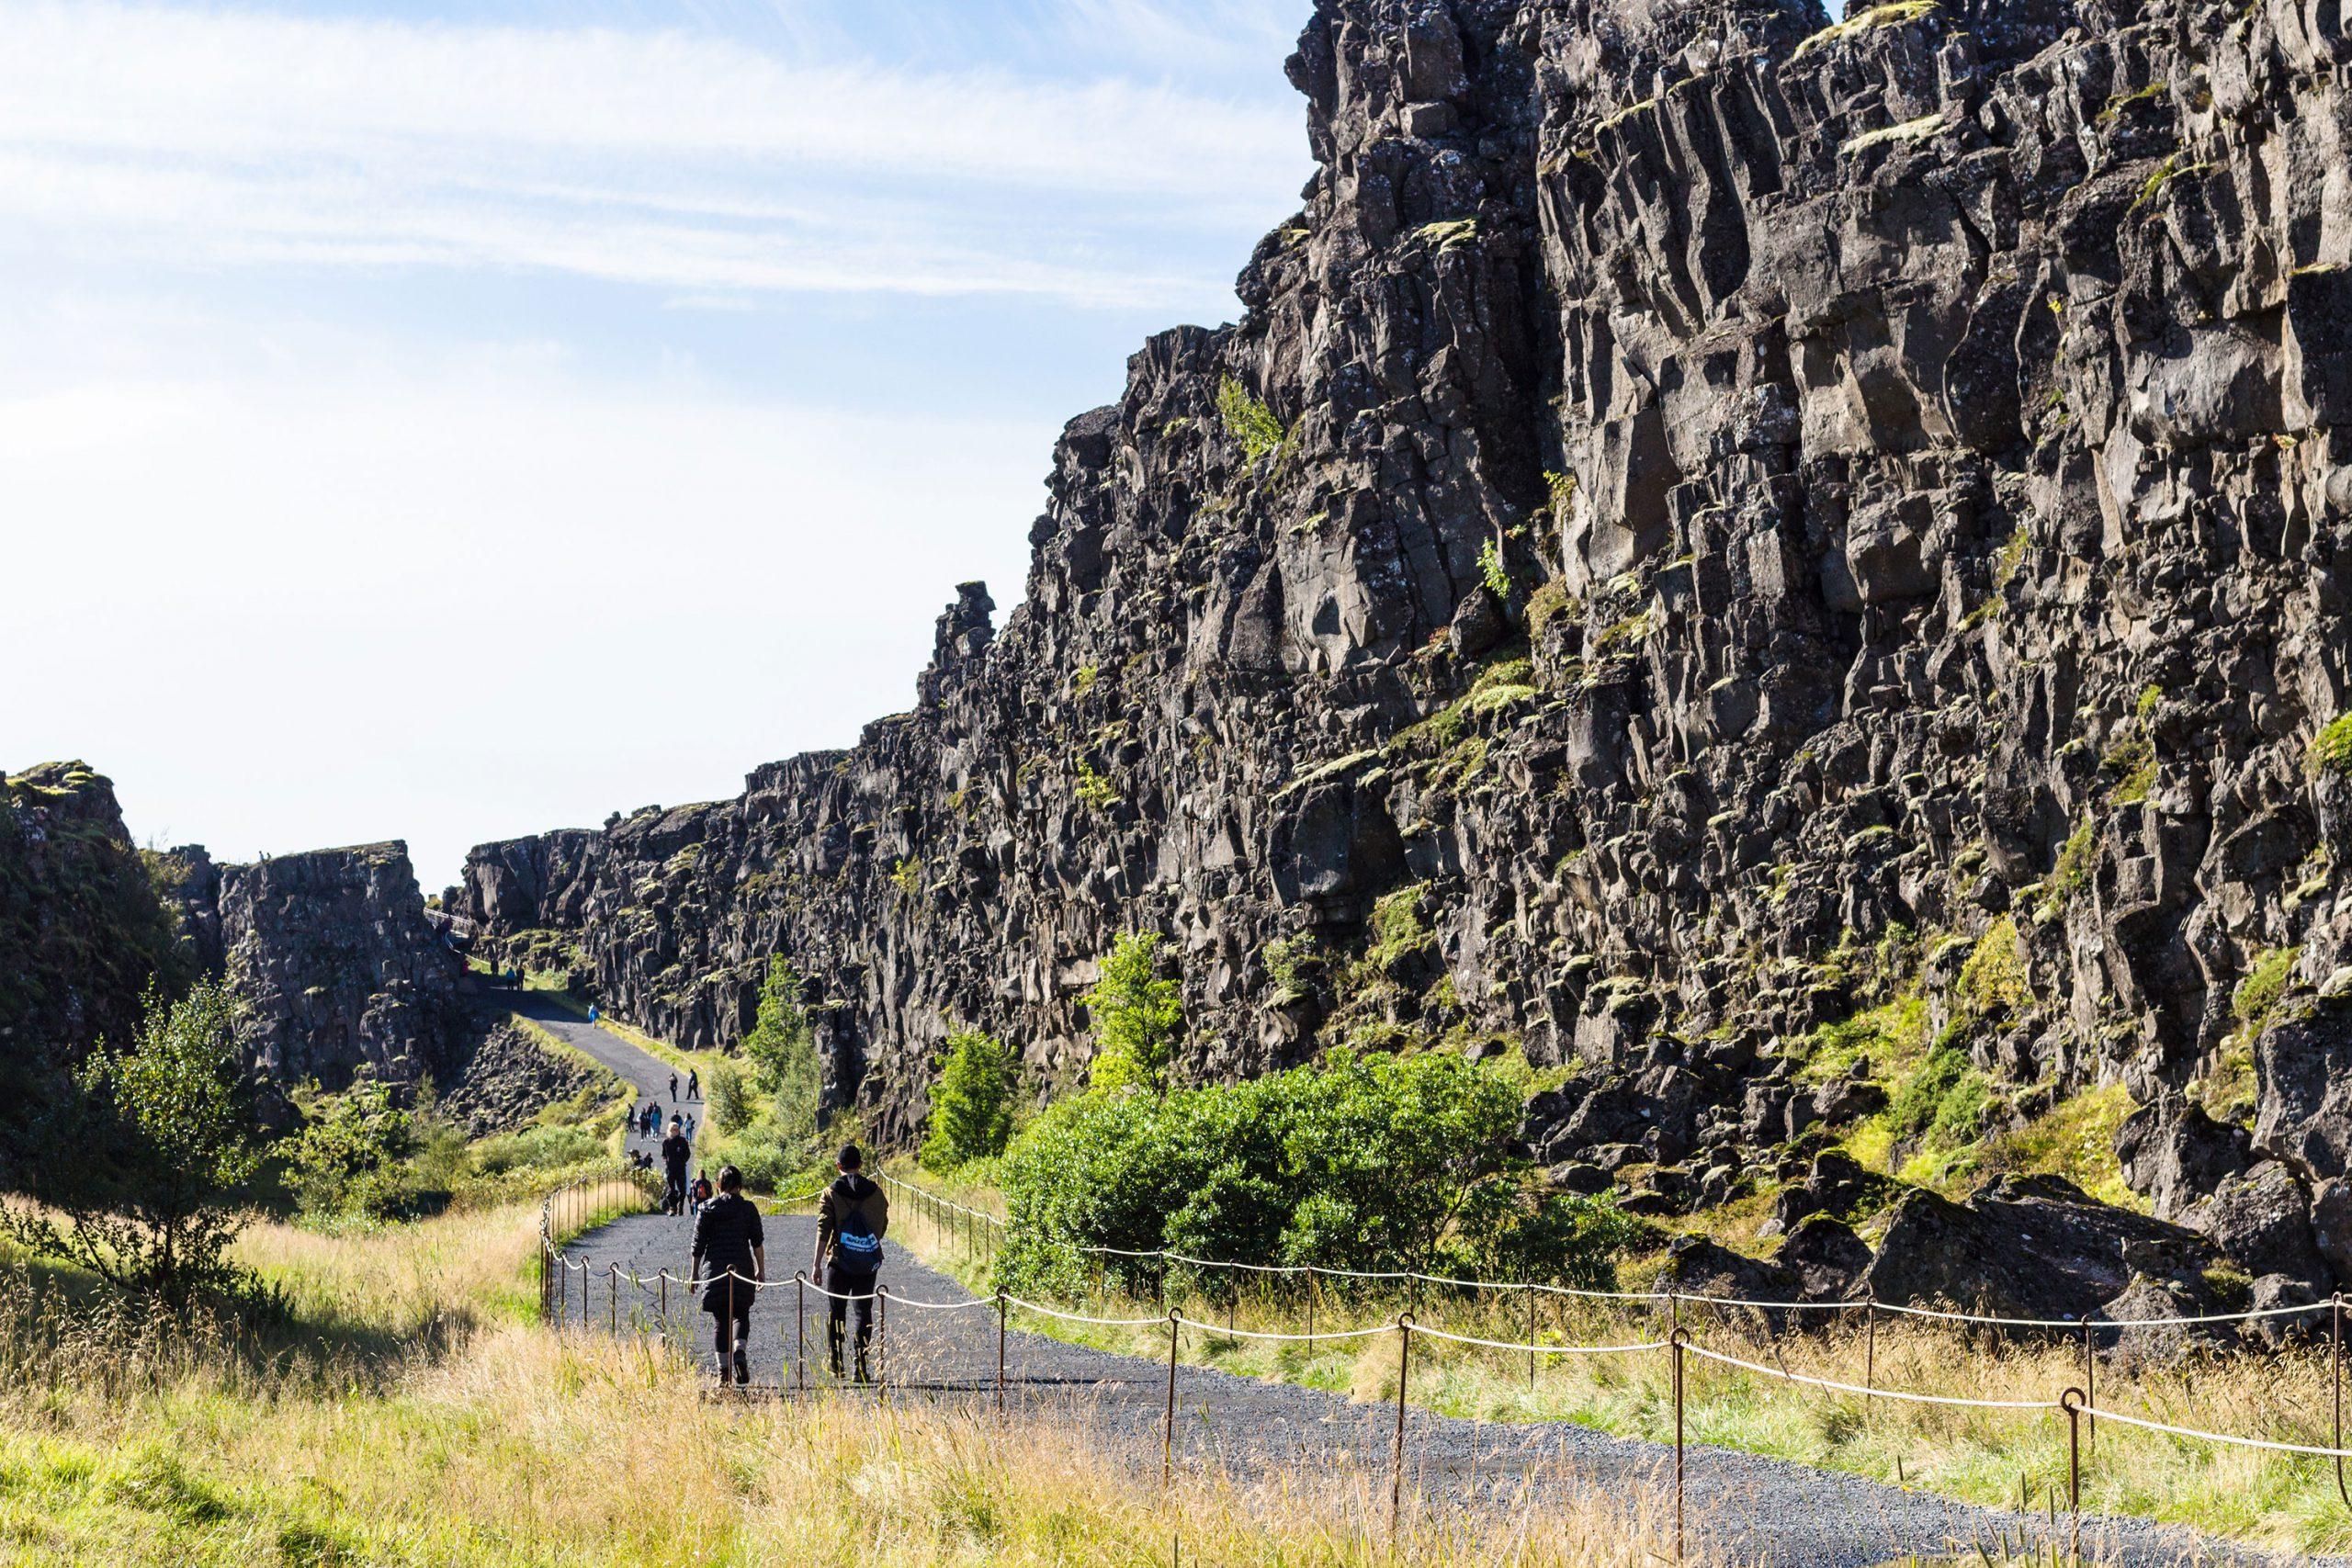 Thingvellir nasjonalpark Island Reykjavik Golden Circle Route